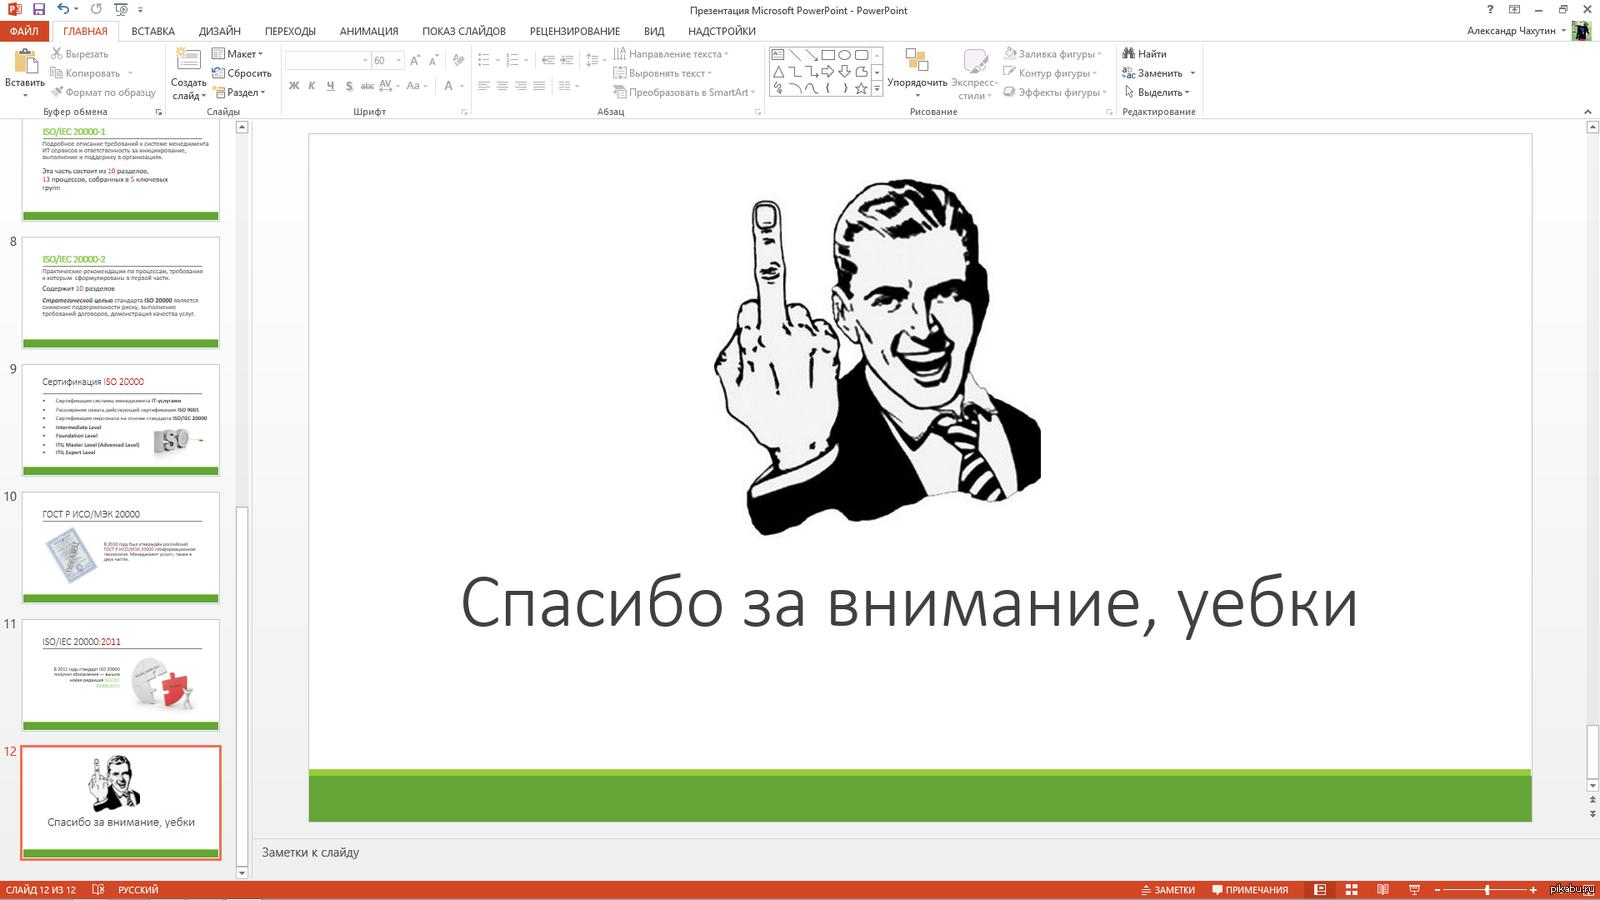 Смешные картинки завершения презентации